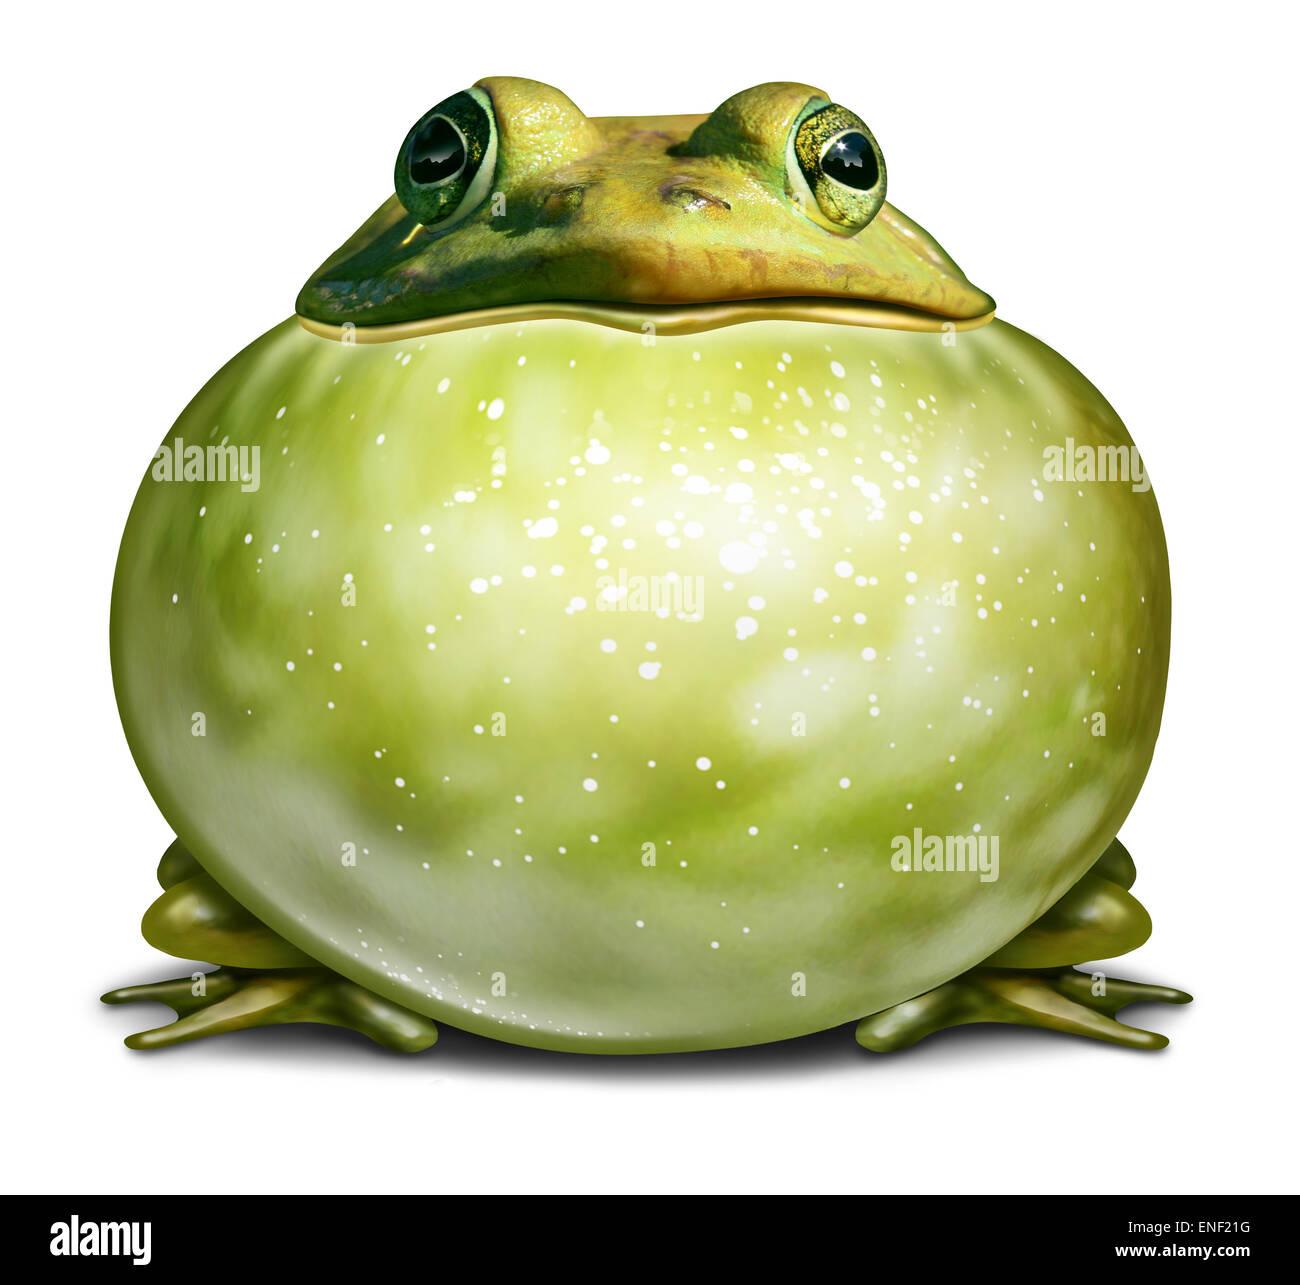 Environnement sain comme symbole une grenouille verte avec une gorge Gonflée comme un concept écologique Photo Stock